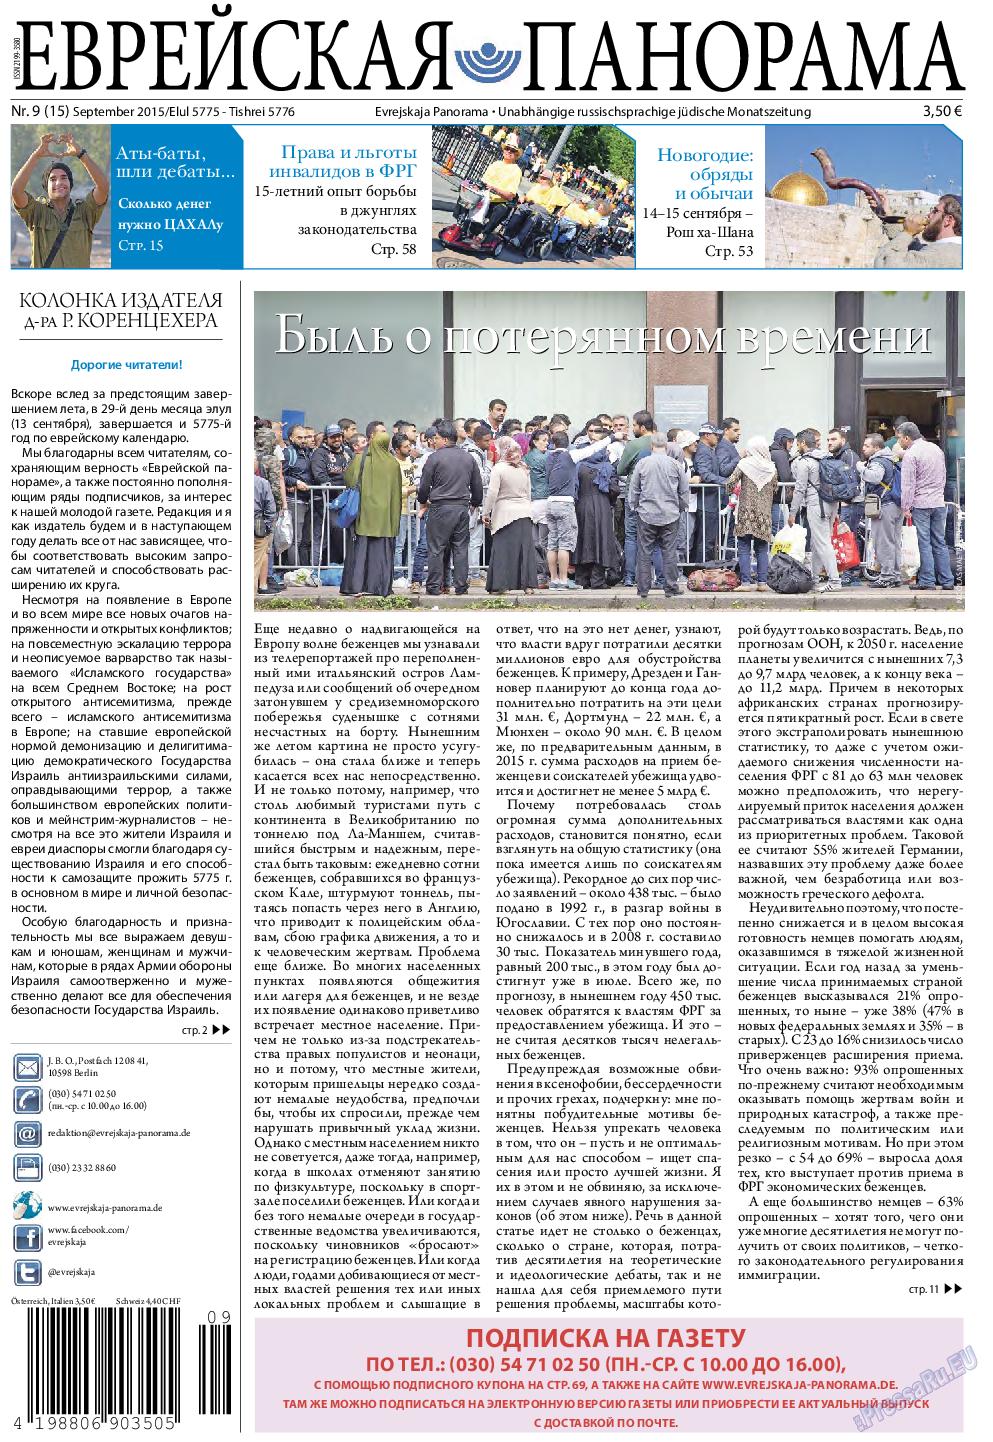 Еврейская панорама (газета). 2015 год, номер 9, стр. 1